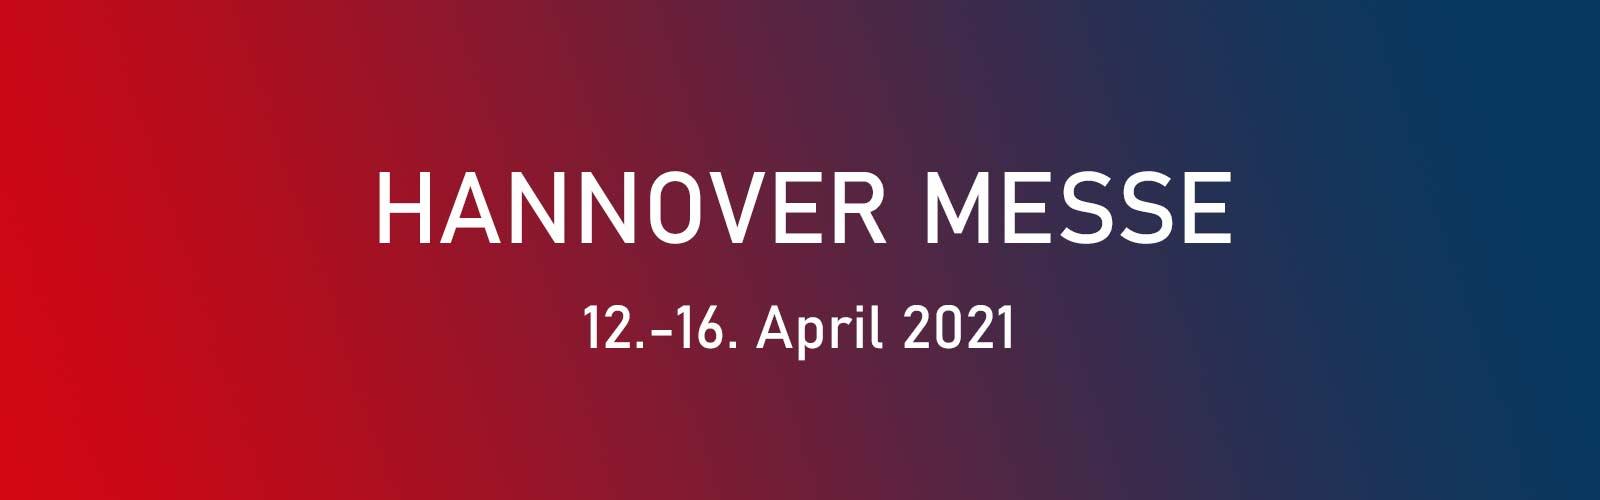 Hannover Messe 2021 @ digital